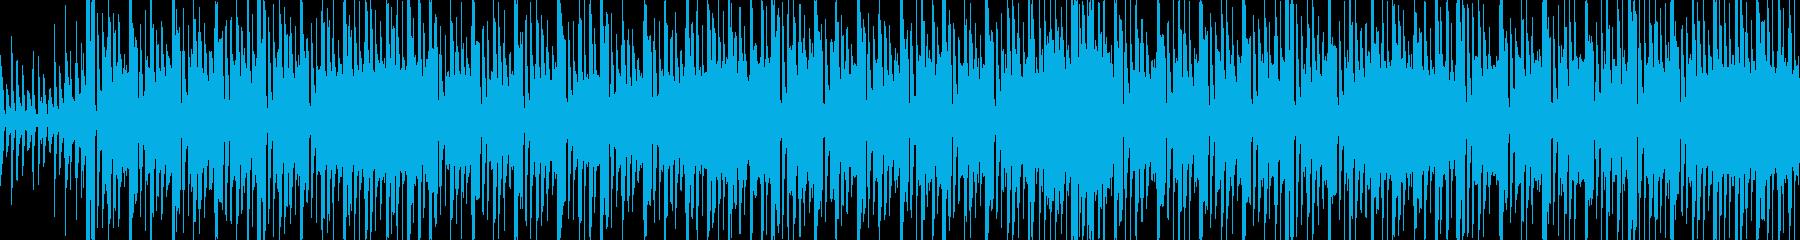 宇宙ものアクションゲームを想定したBGMの再生済みの波形